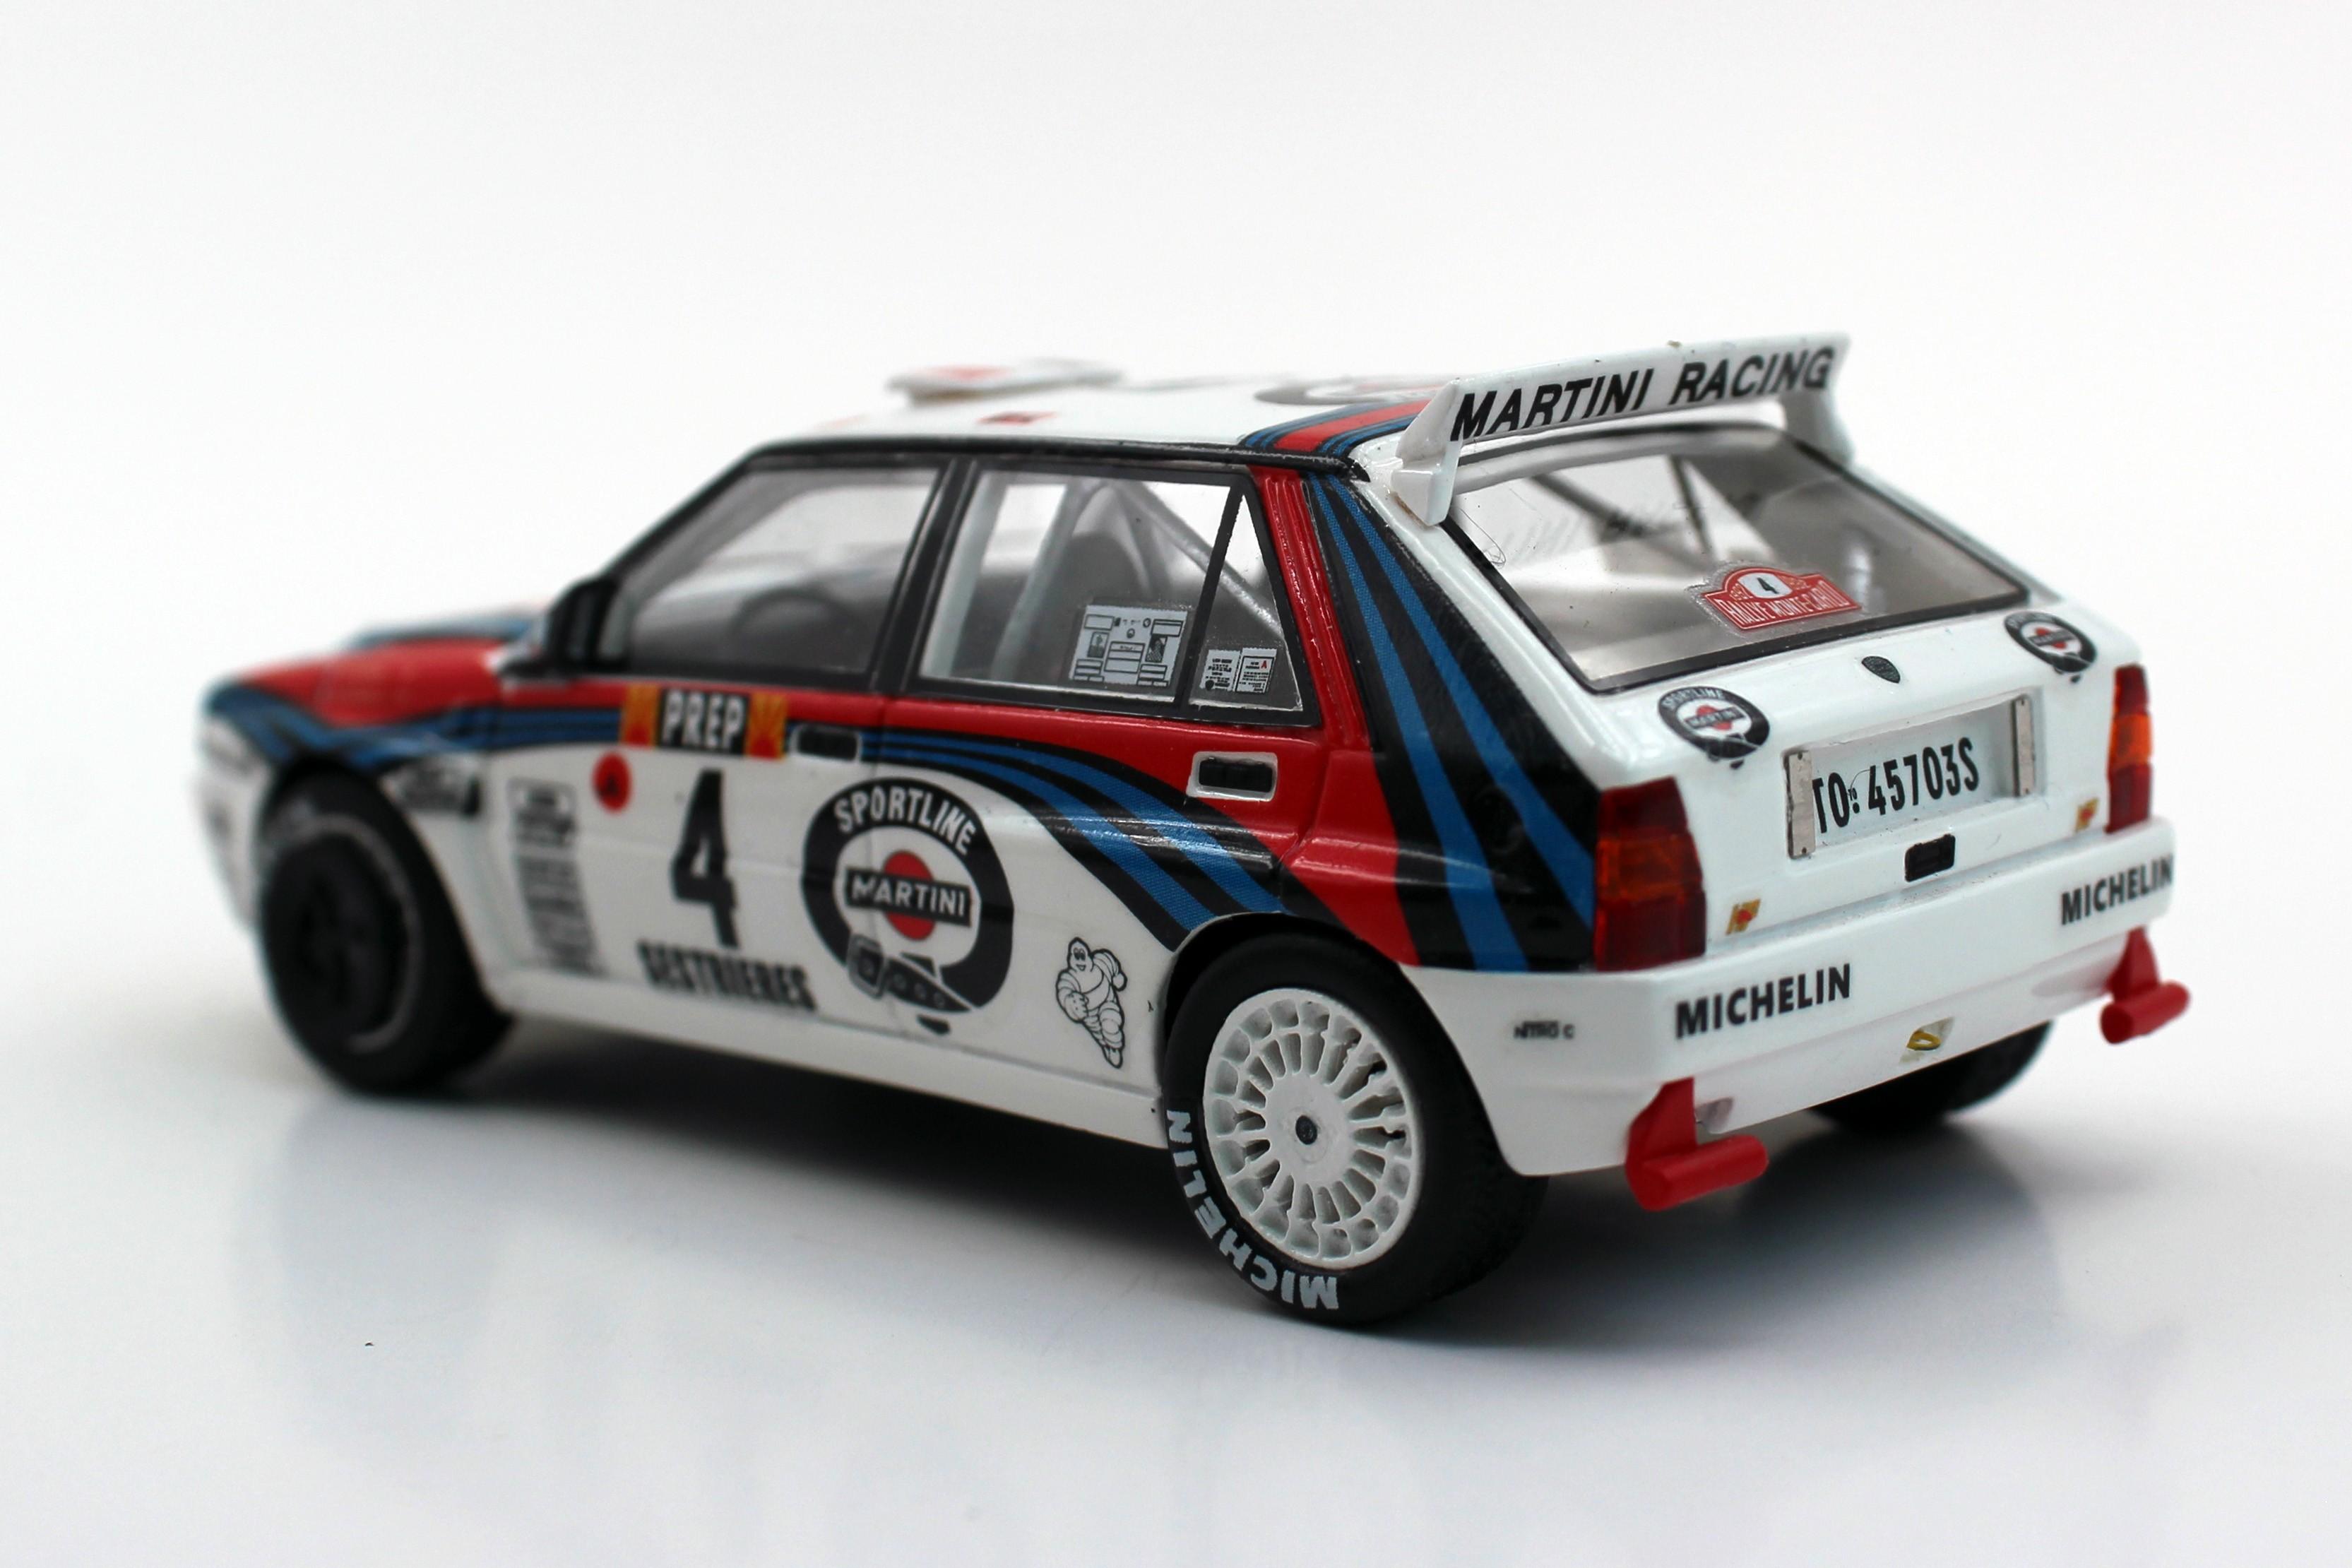 LANCIA DELTA Rally Tour de Corse Corsica 1992 C144 Decal 1:43 Carlos Menem